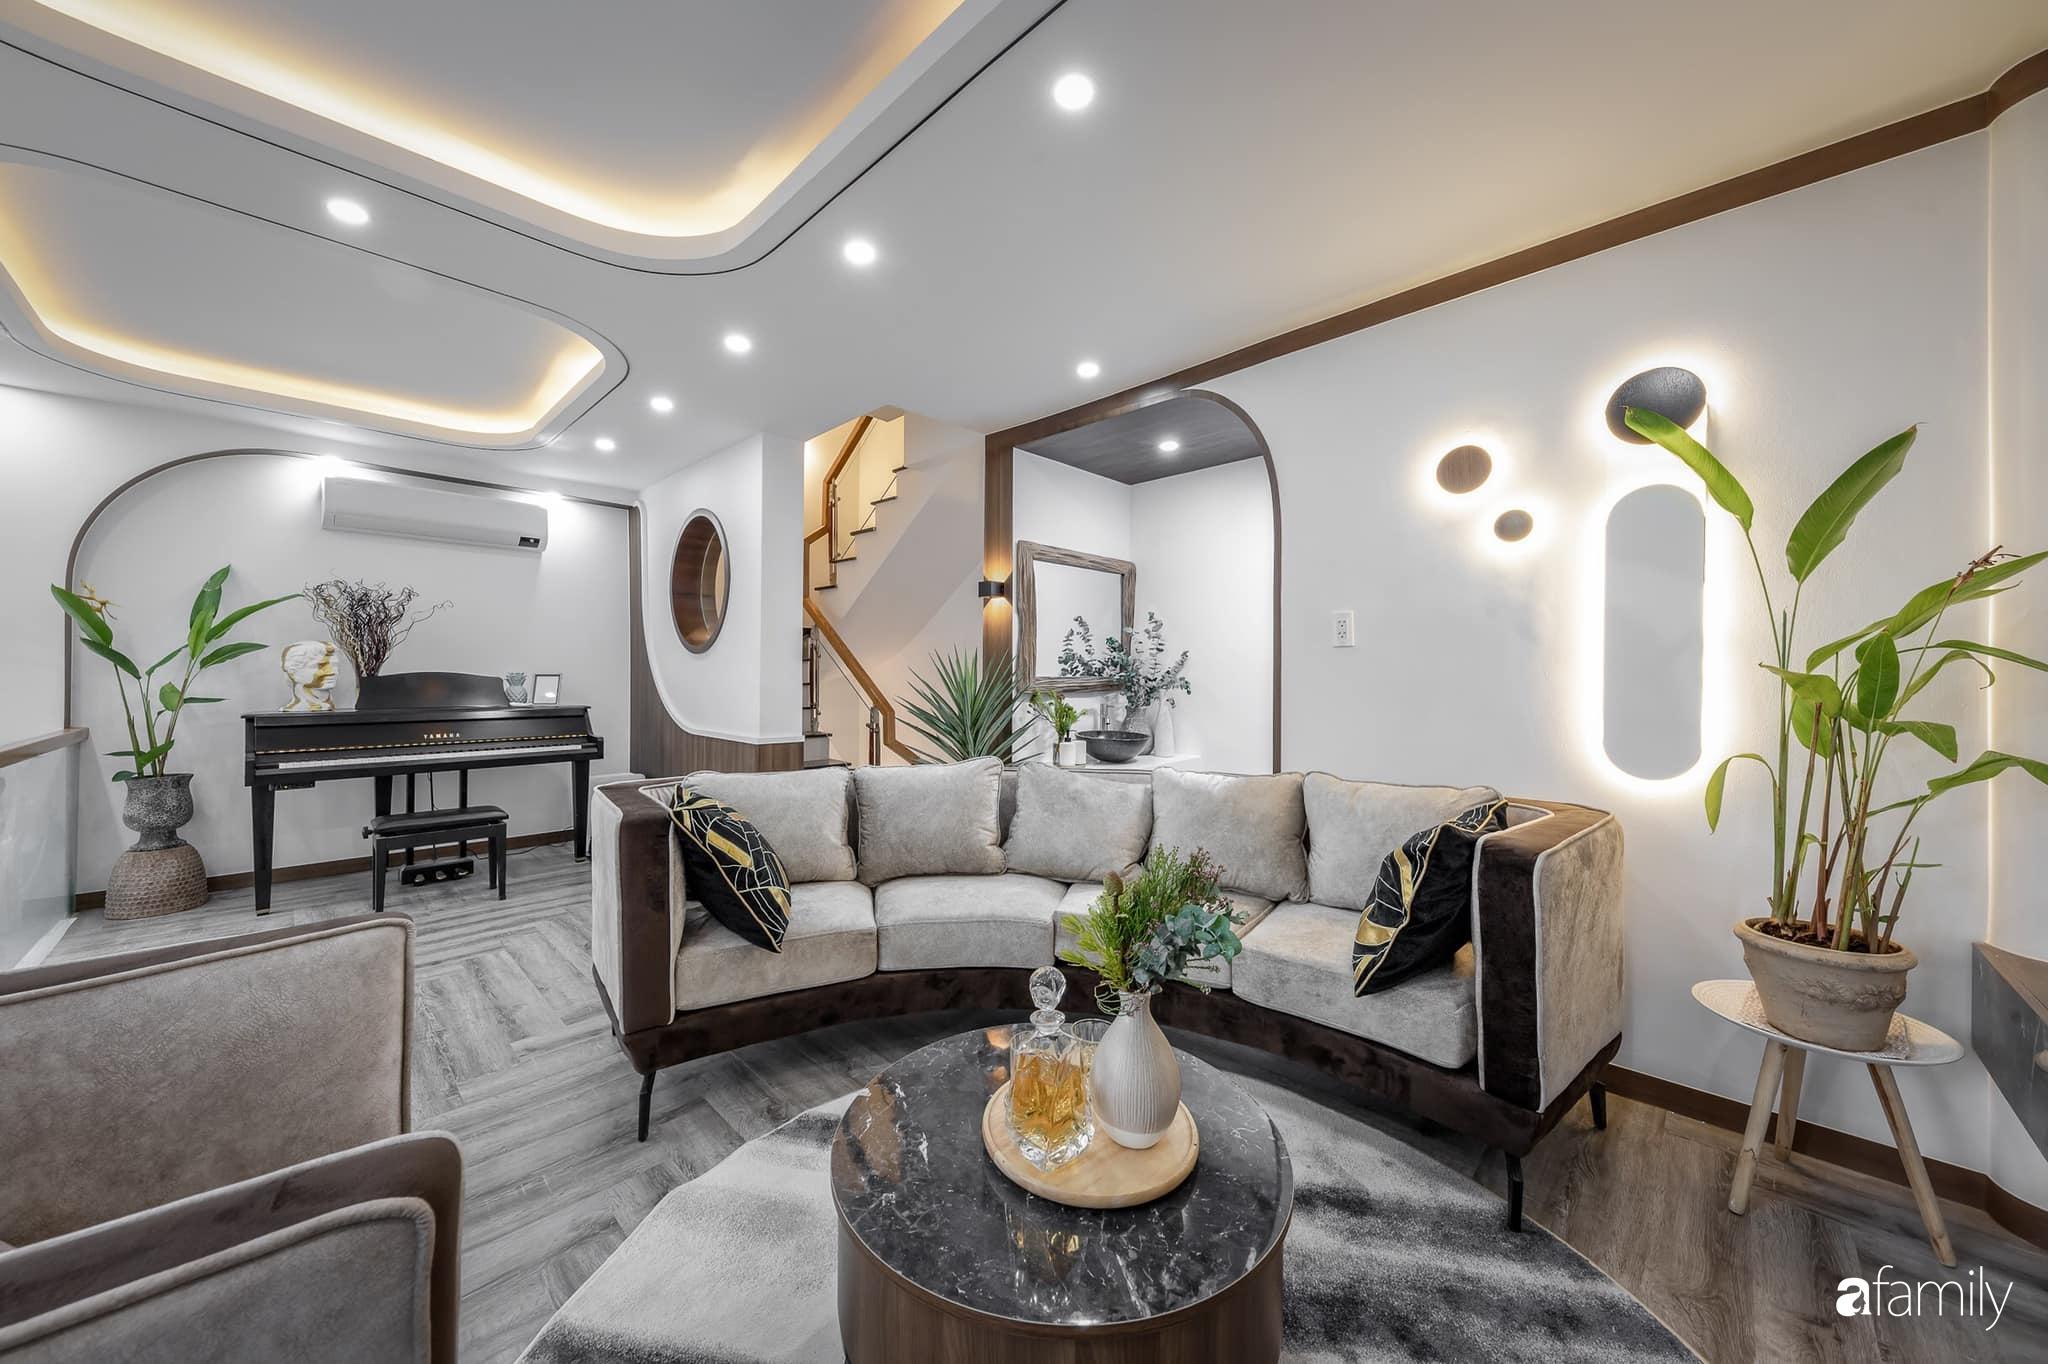 Căn nhà 5 tầng trong hẻm sang chảnh như resort cao cấp với chi phí thiết kế 900 triệu đồng ở TP HCMHCM - Ảnh 5.